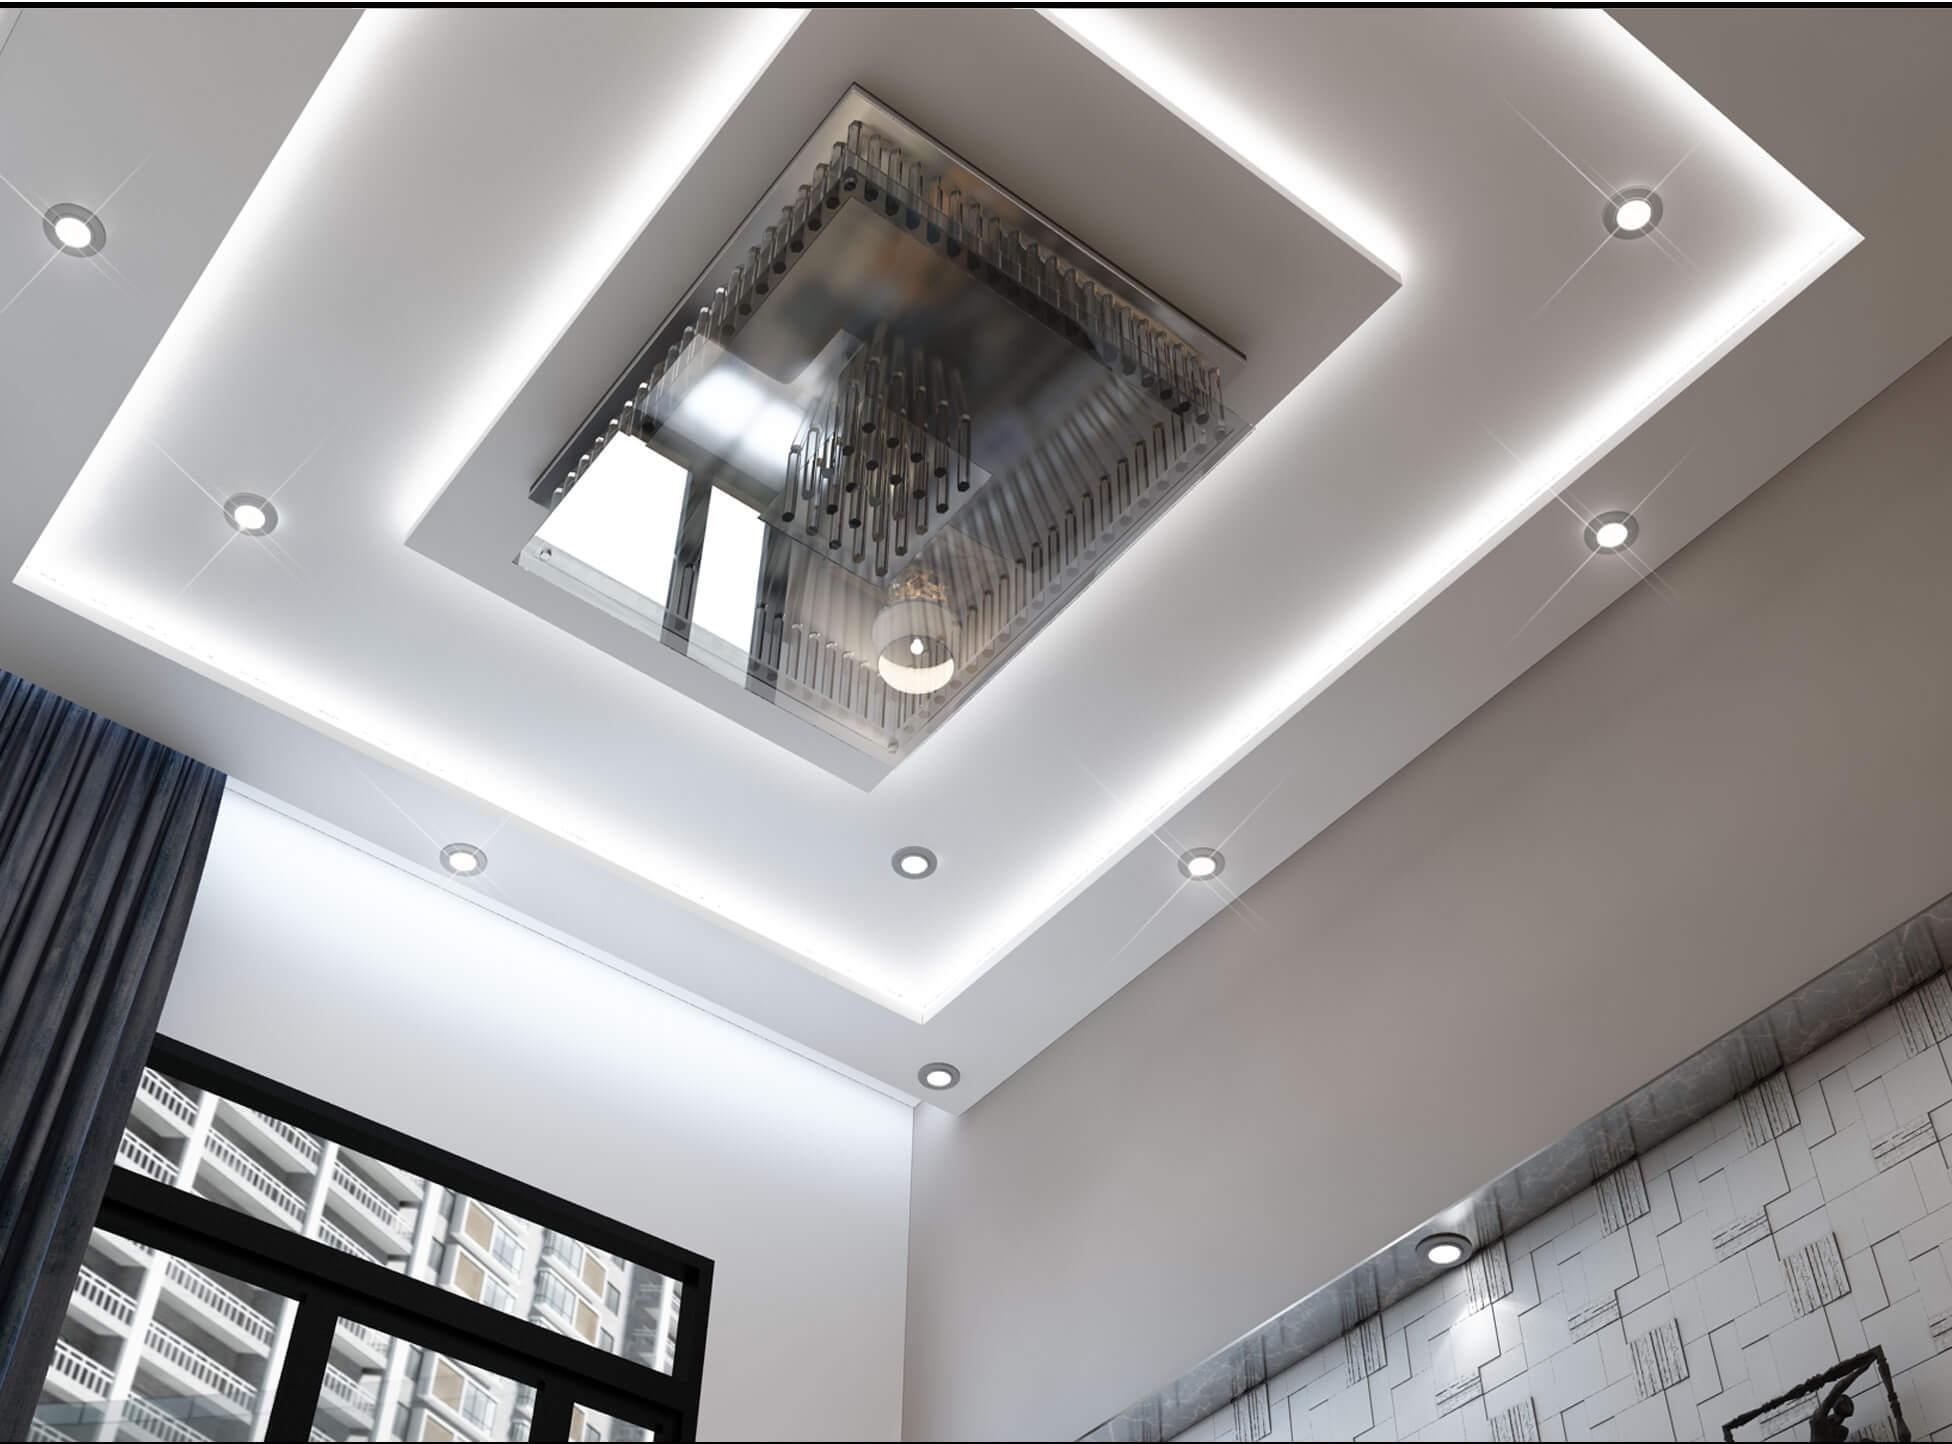 Việc bố trí đèn trần cũng góp phần tạo nên một không gian đẹp